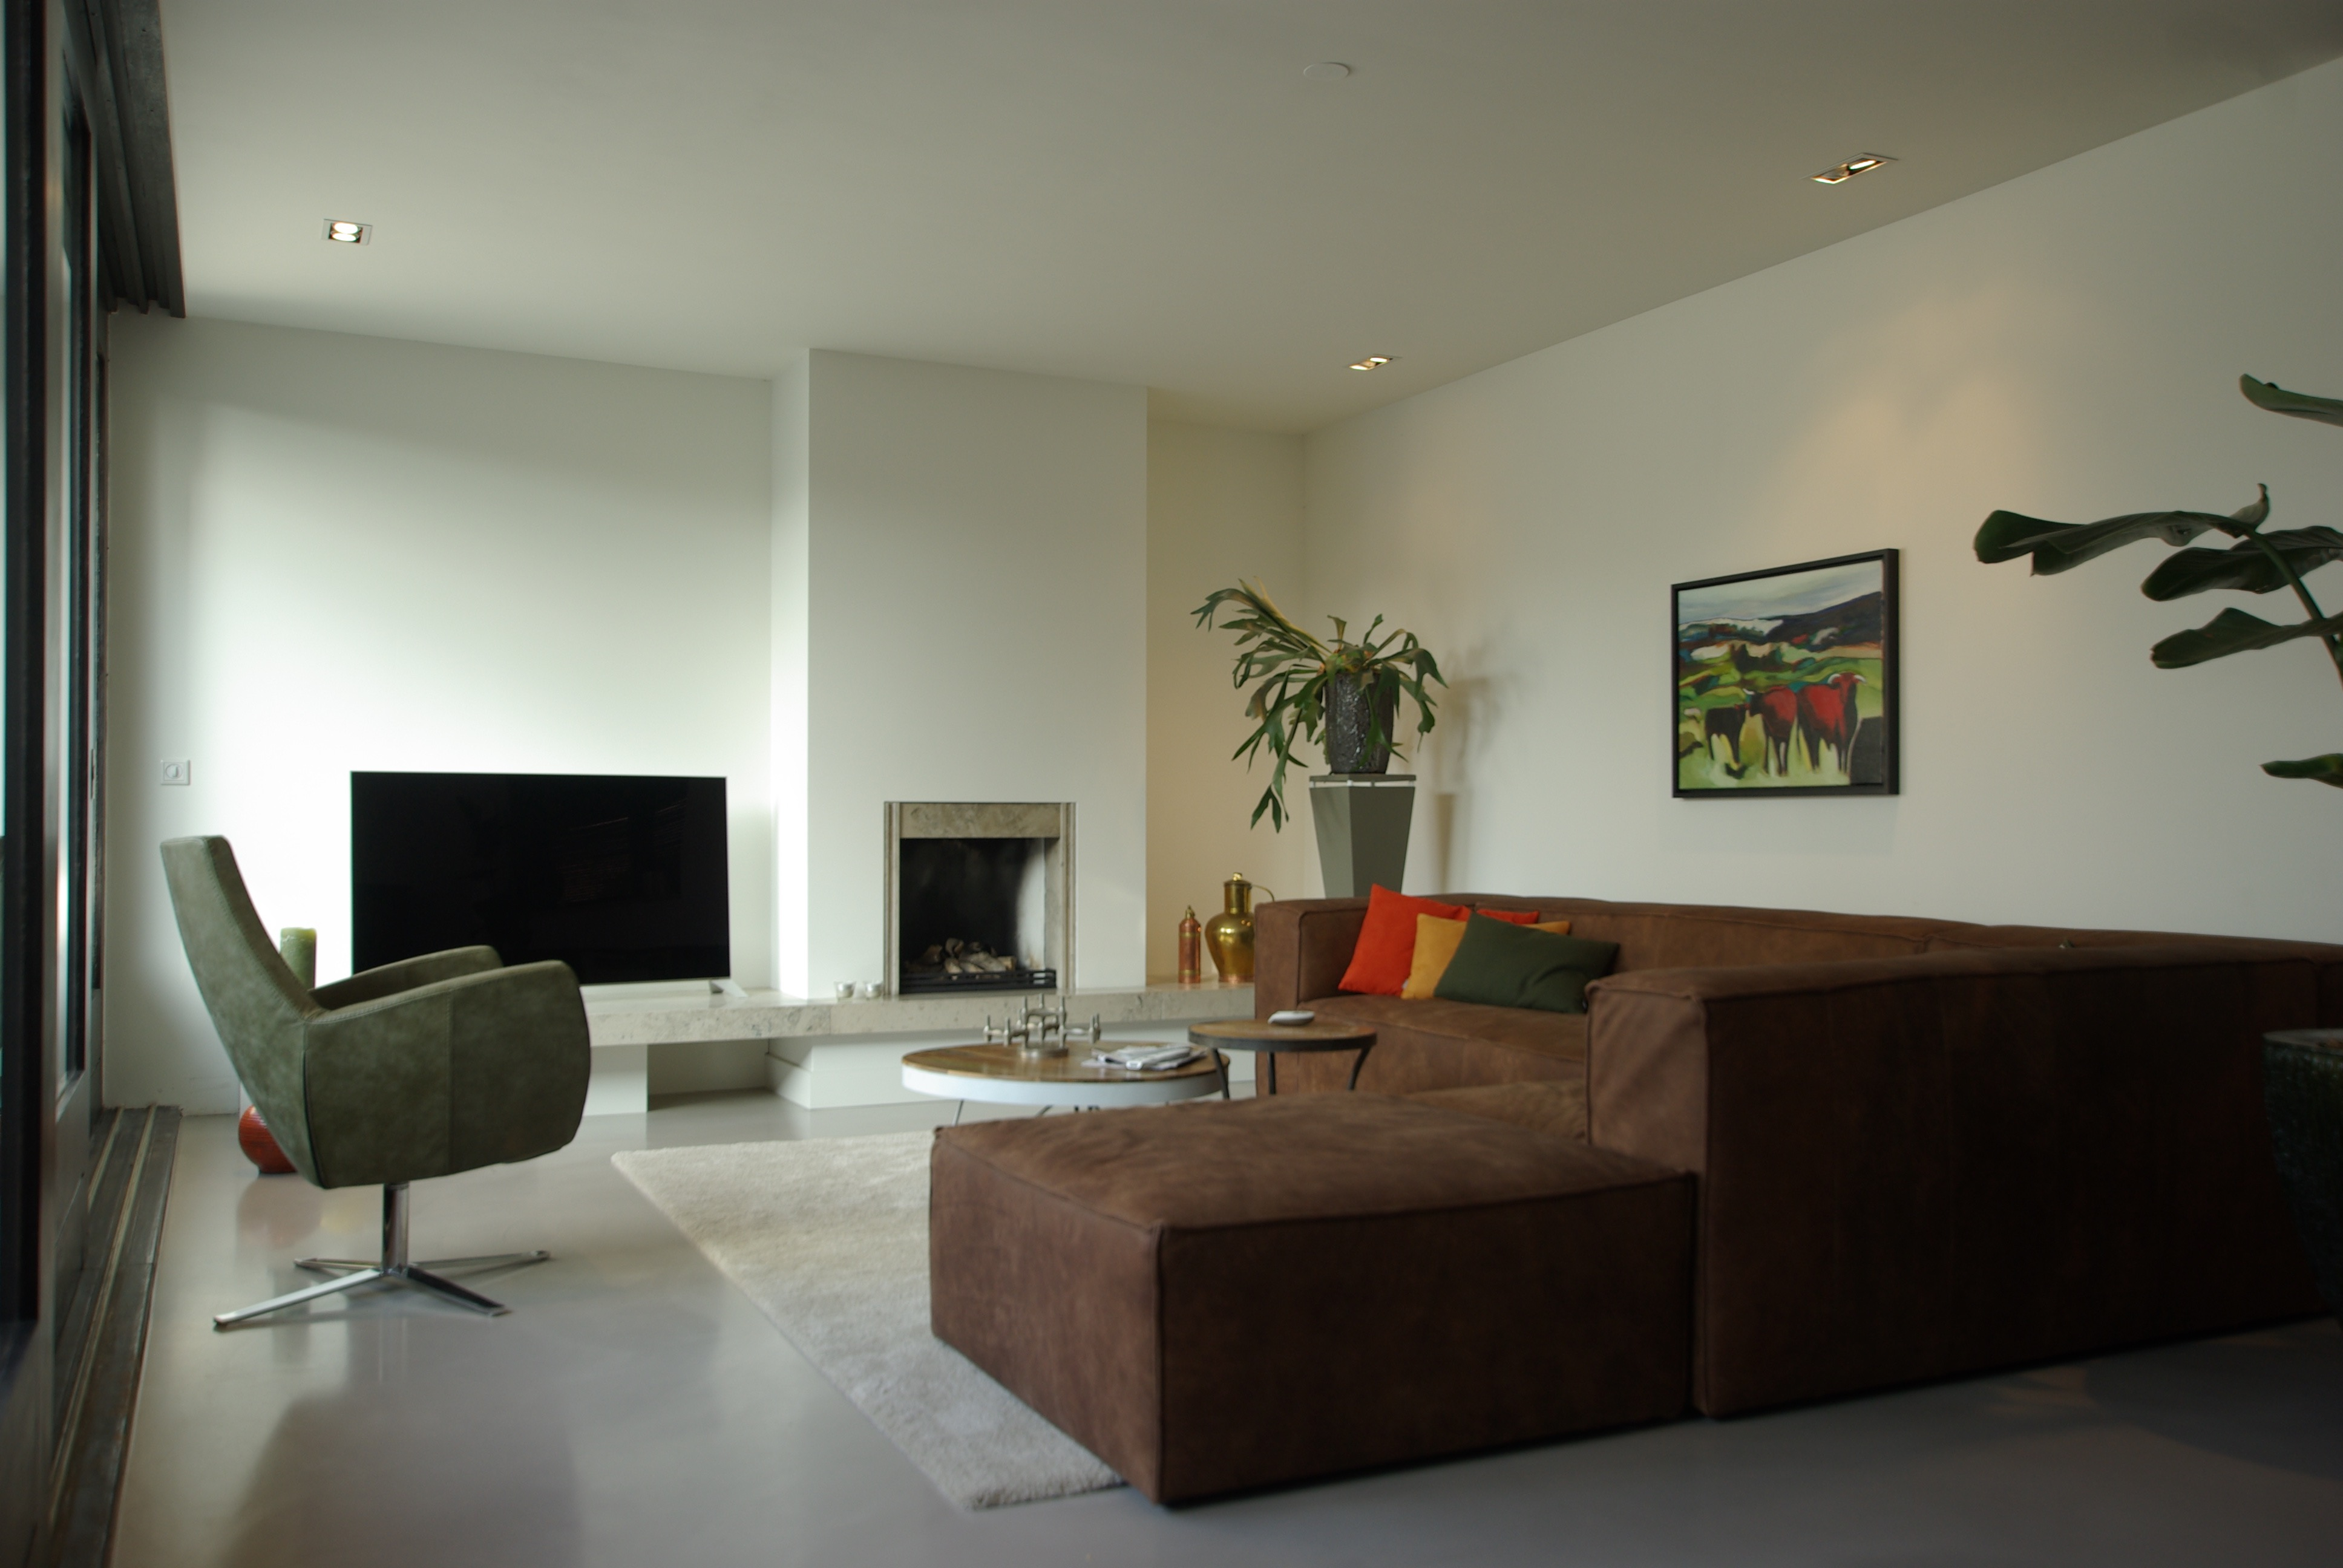 grote, ruime woonkamer muren en plafond gestukt - pro stuk, Deco ideeën